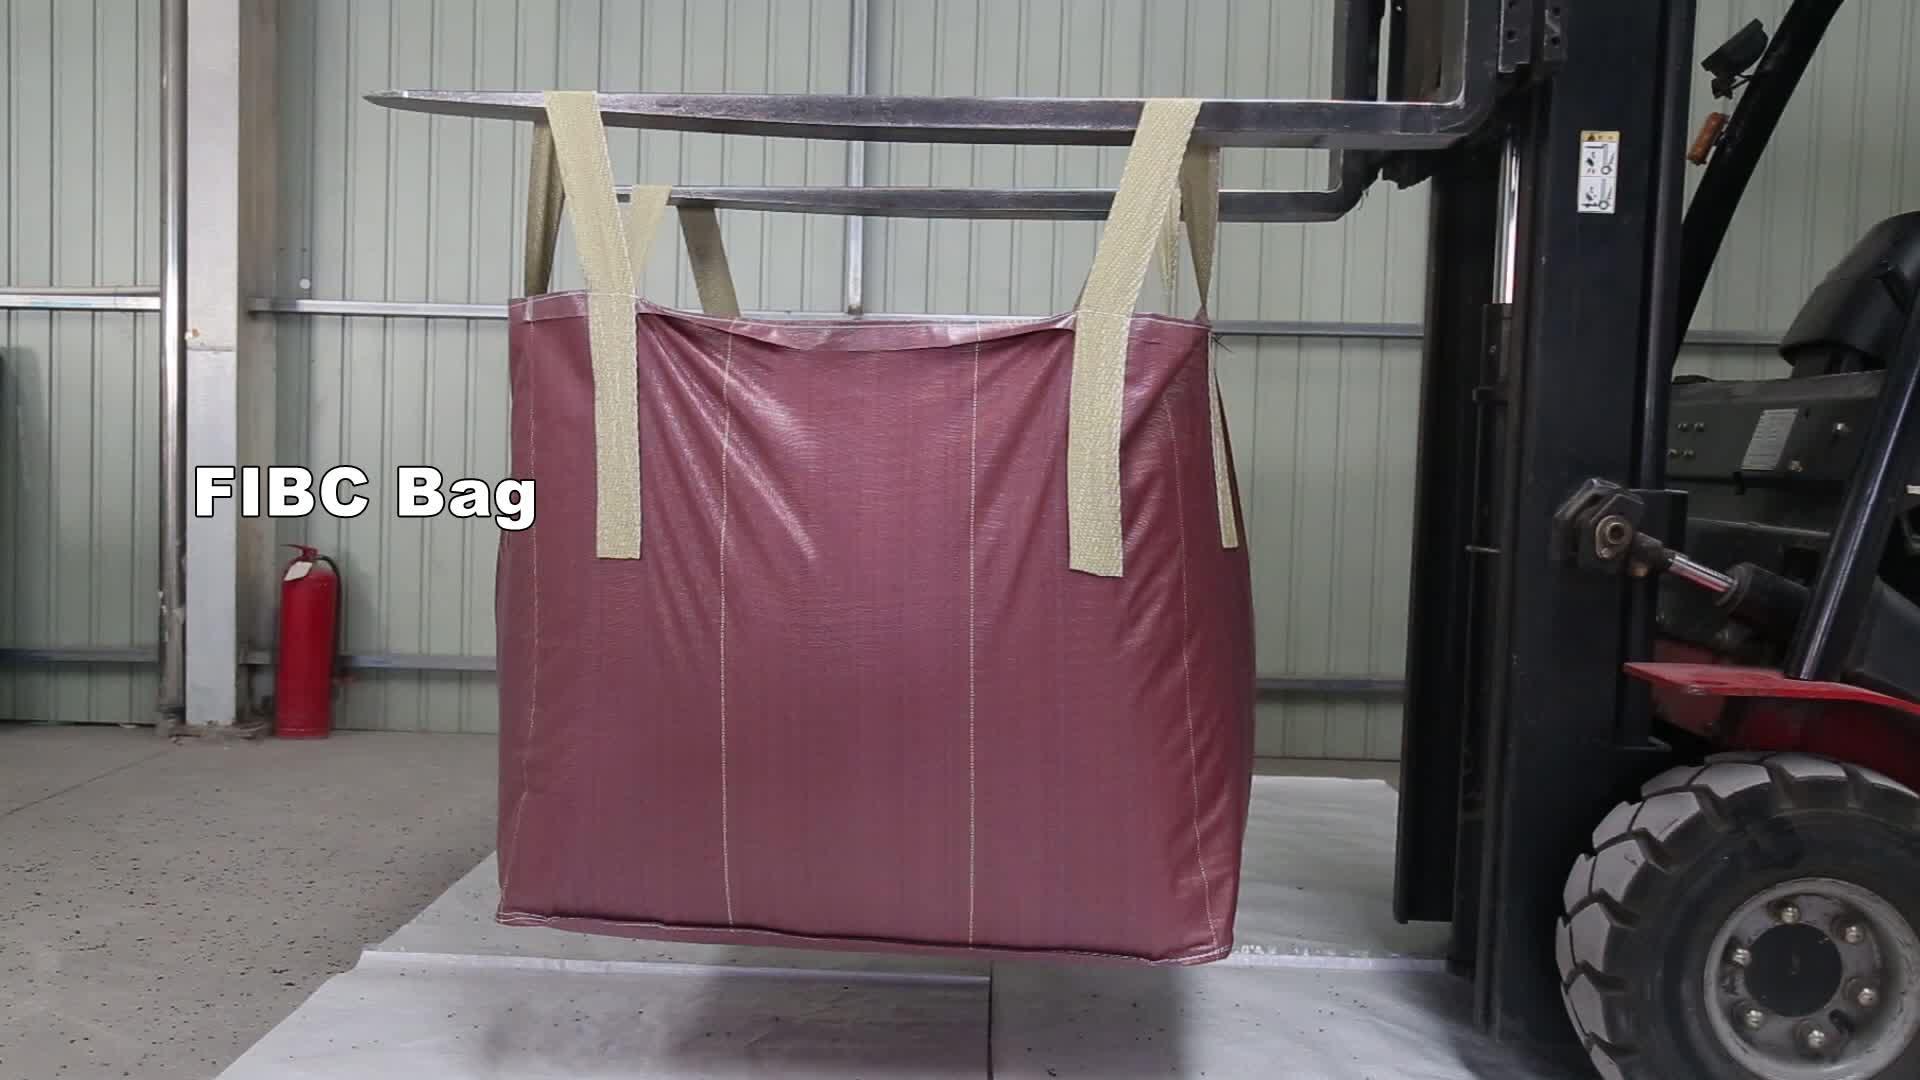 1 トン PP fibc バルクコンテナ砂バッグ過ロック縫製をスタック層高 UV 処理抵抗